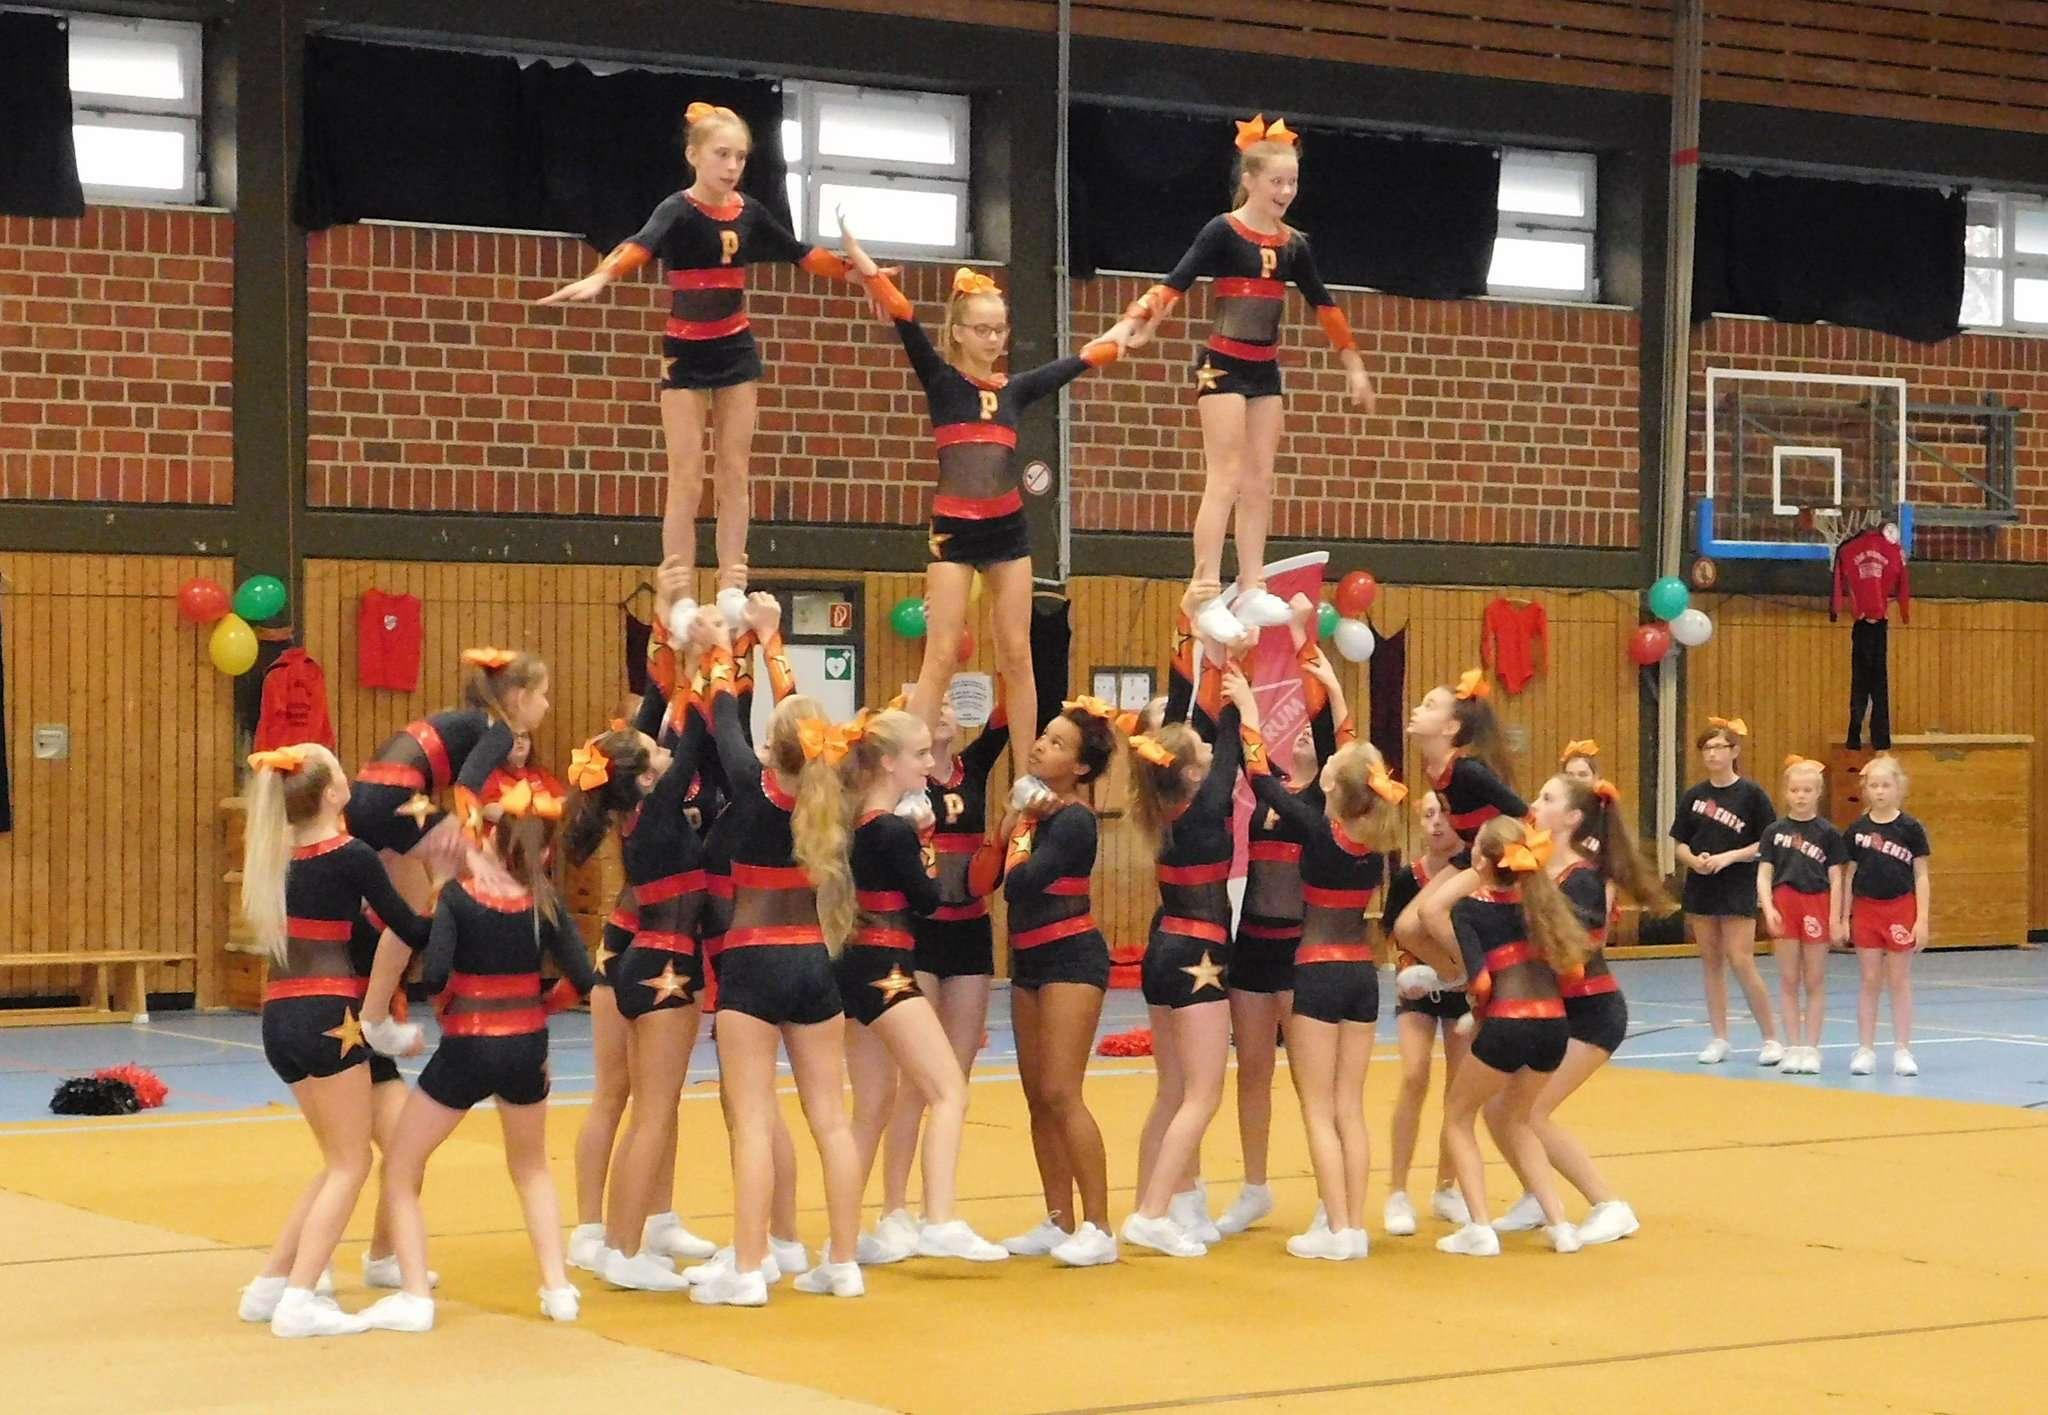 Die Cheerleader boten Einblick in ihre Choreografien.